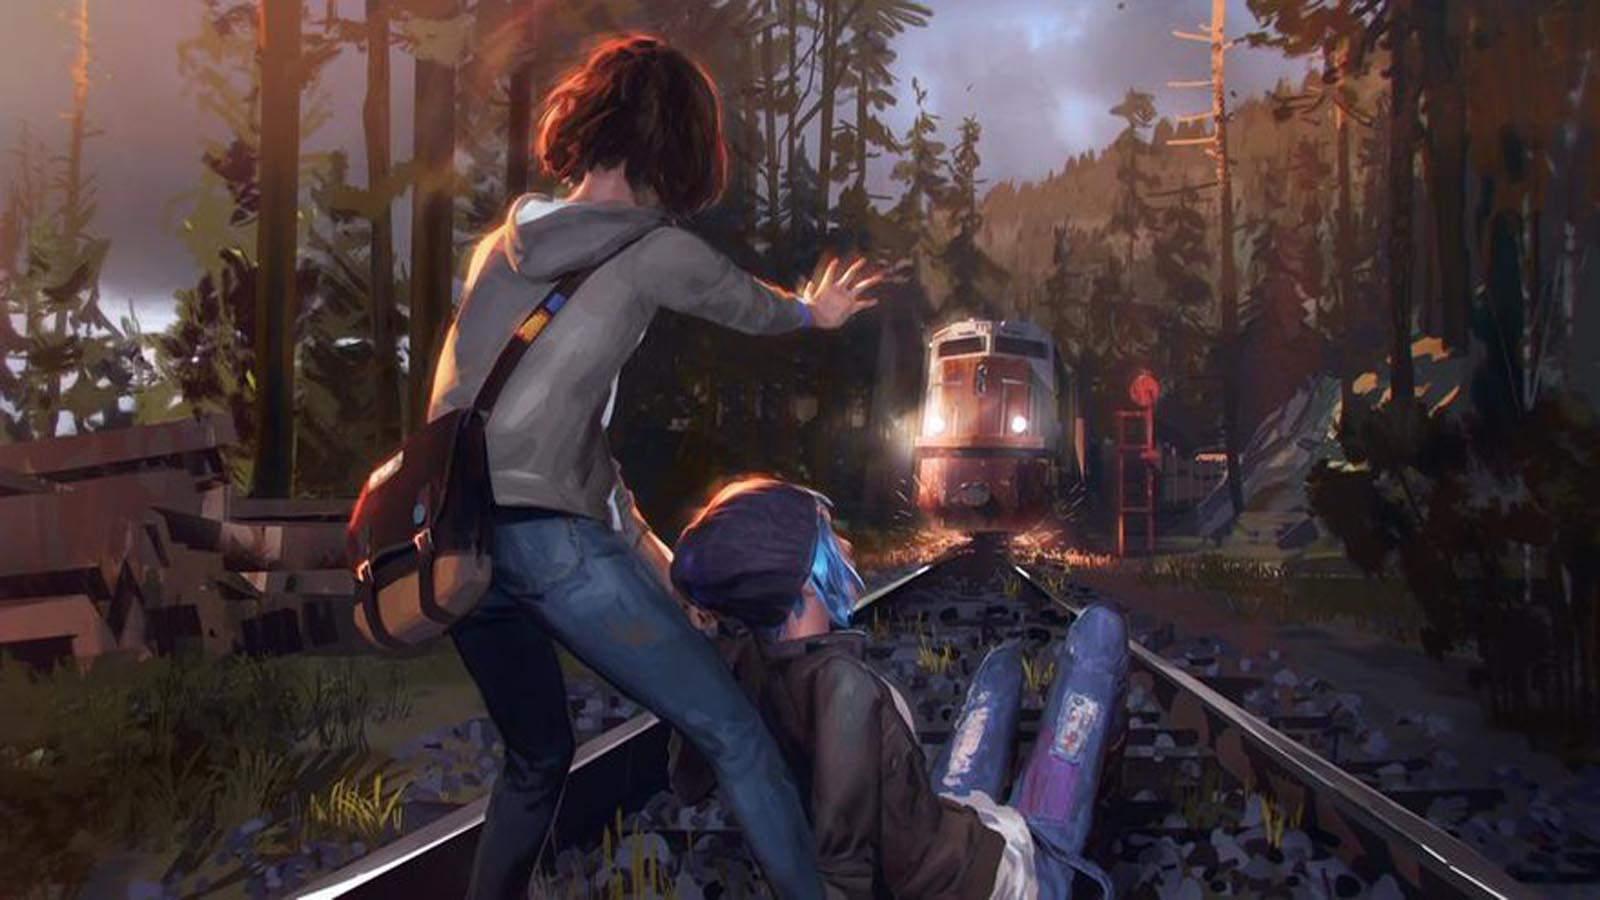 تحميل لعبة Life Is Strange مضغوطة كاملة بروابط مباشرة مجانا